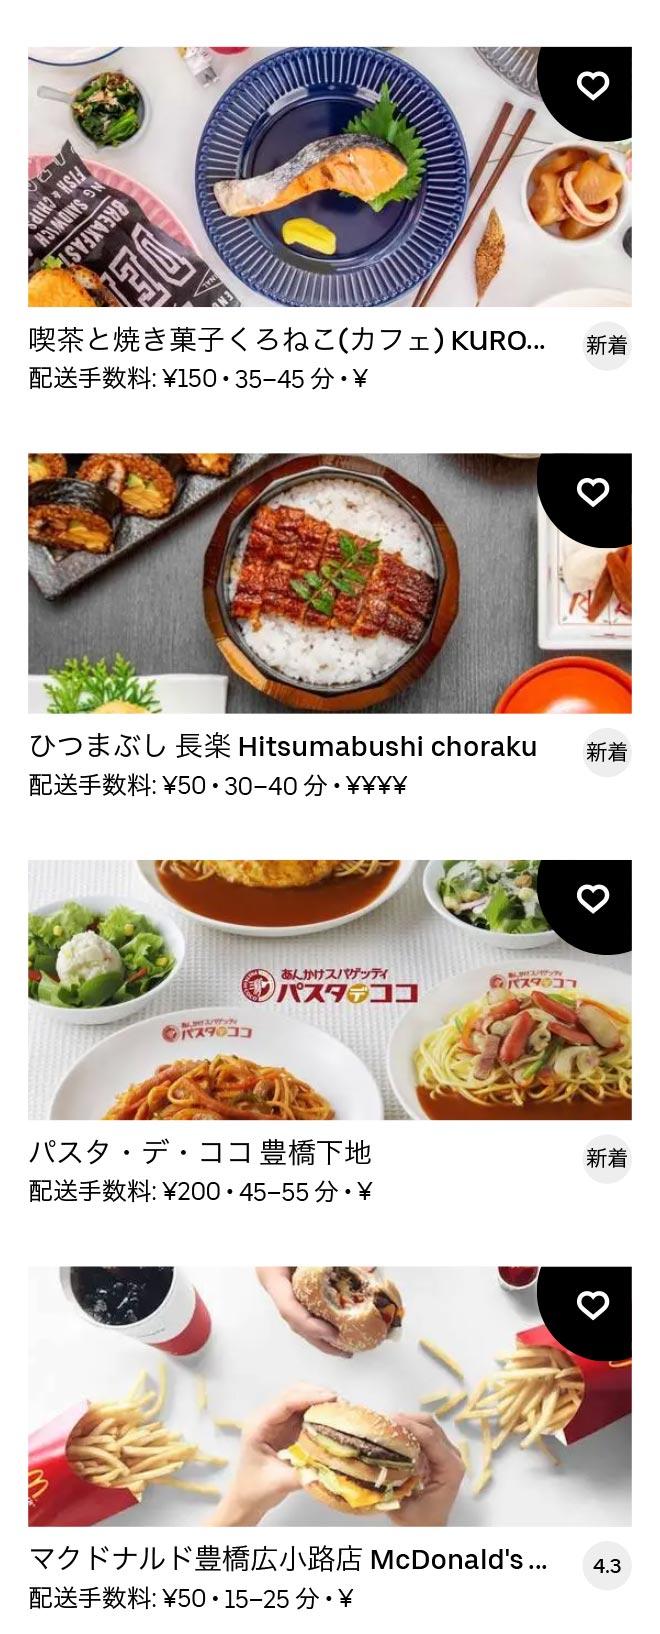 Toyohashi menu 2012 06